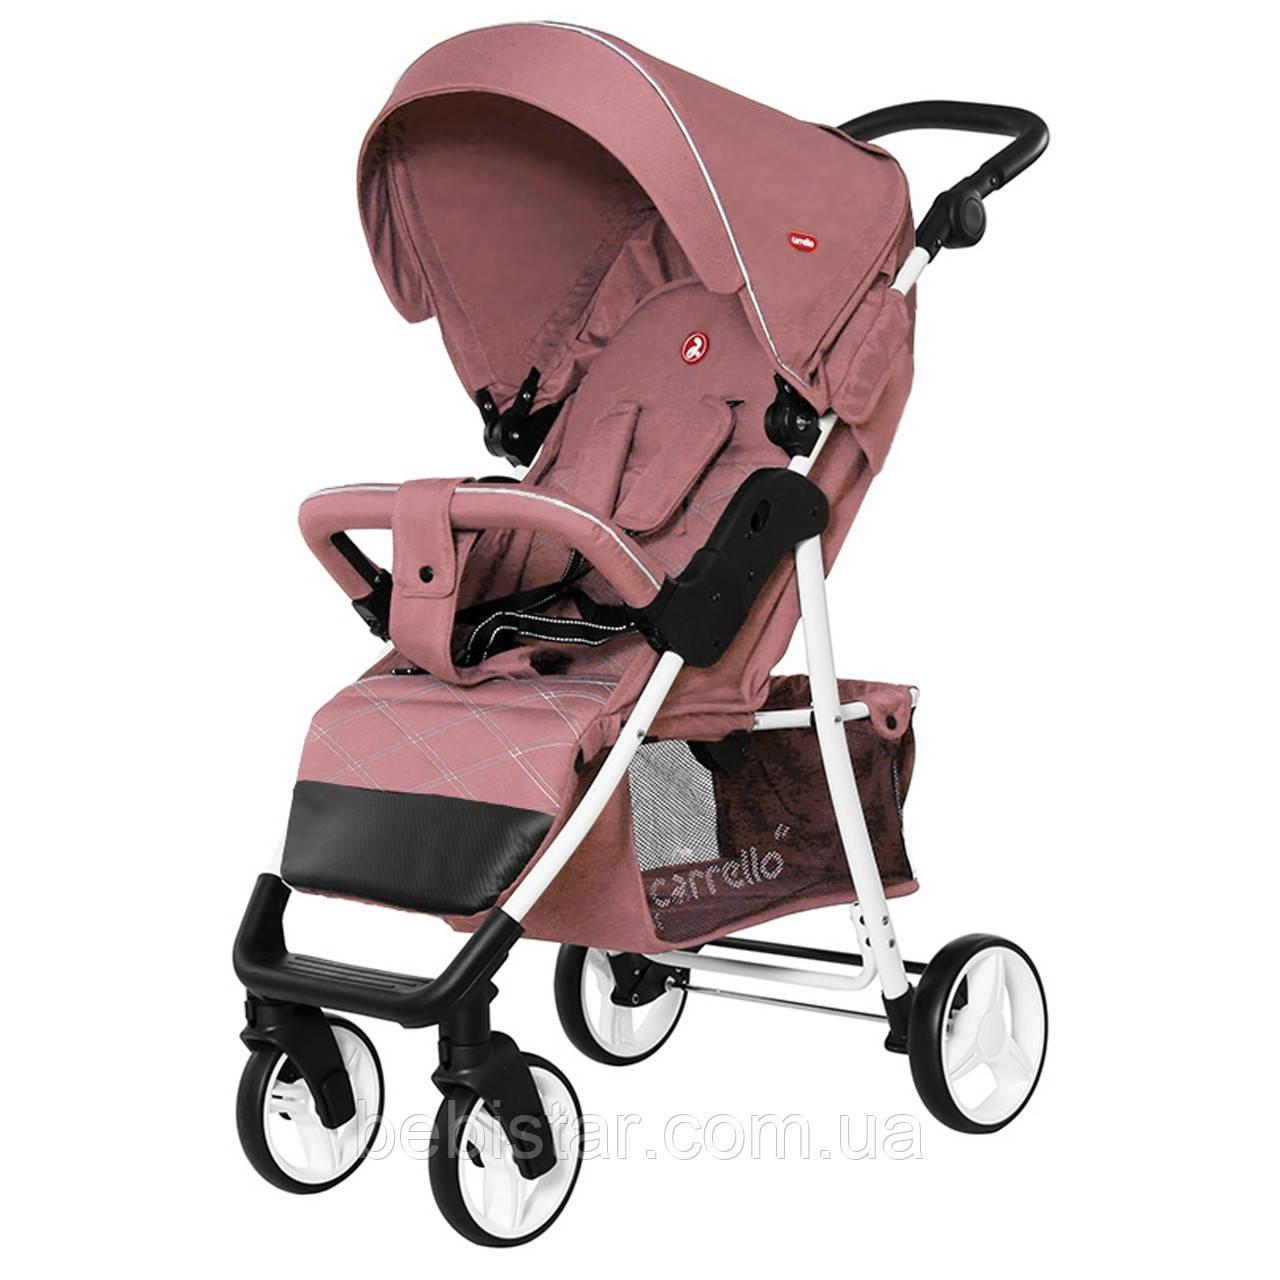 Детская прогулочная коляска с дождевиком розовая черно-белая рама CARRELLO Quattro CRL-8502/2 Wild Rose